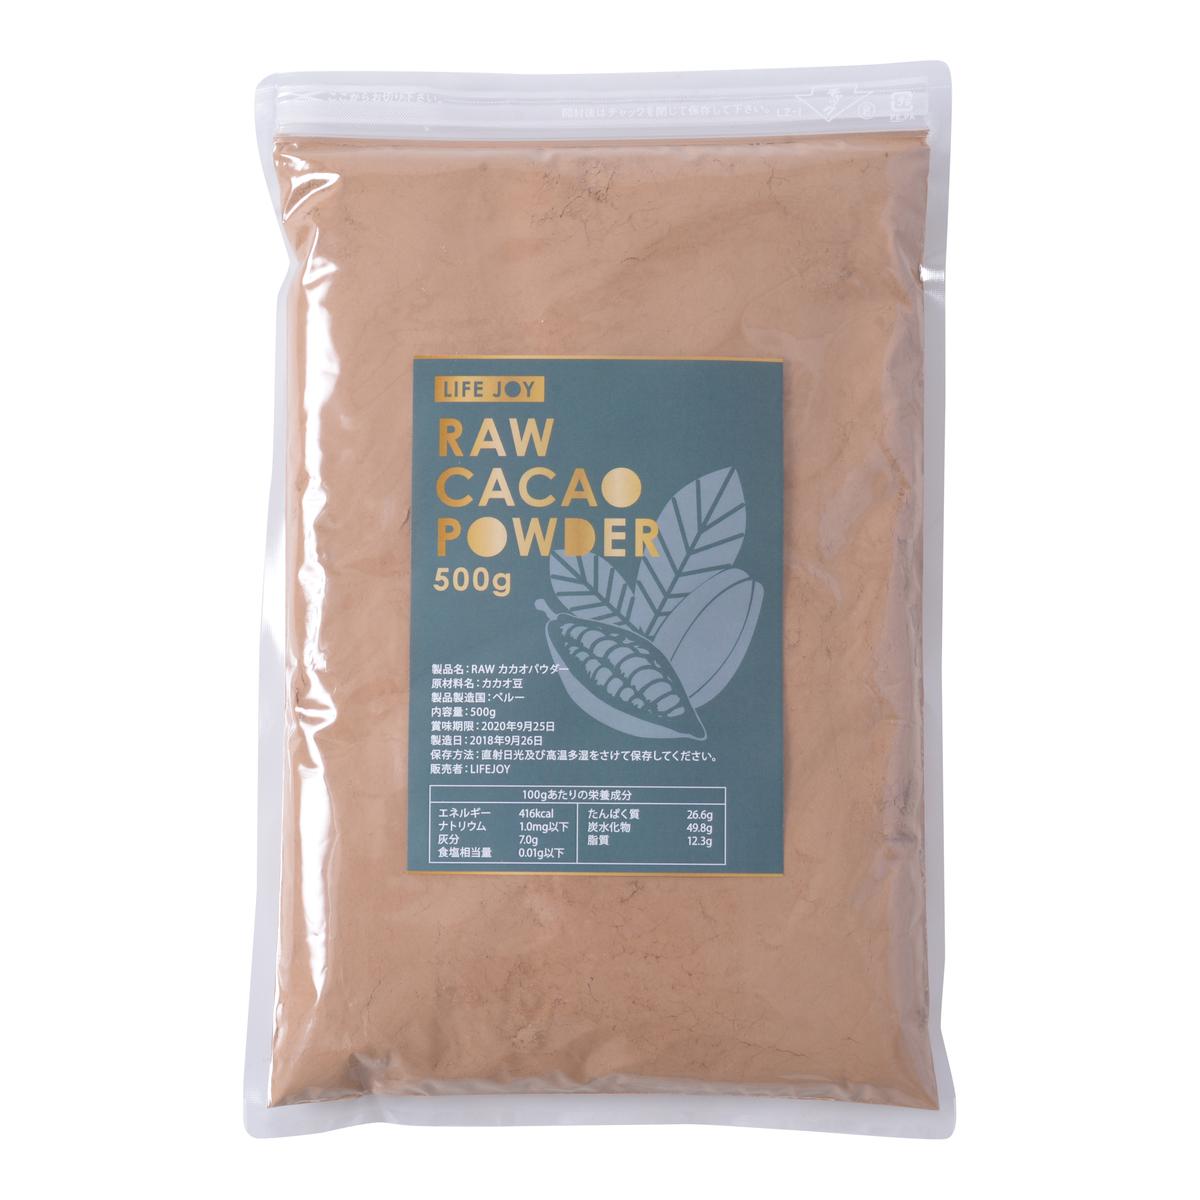 有機認証 カカオ豆100% 使用 あす楽対応品 爆買いセール おすすめ特集 送料無料 ローカカオパウダー 高品質 非アルカリ処理 500g 45℃以下の低温加工品